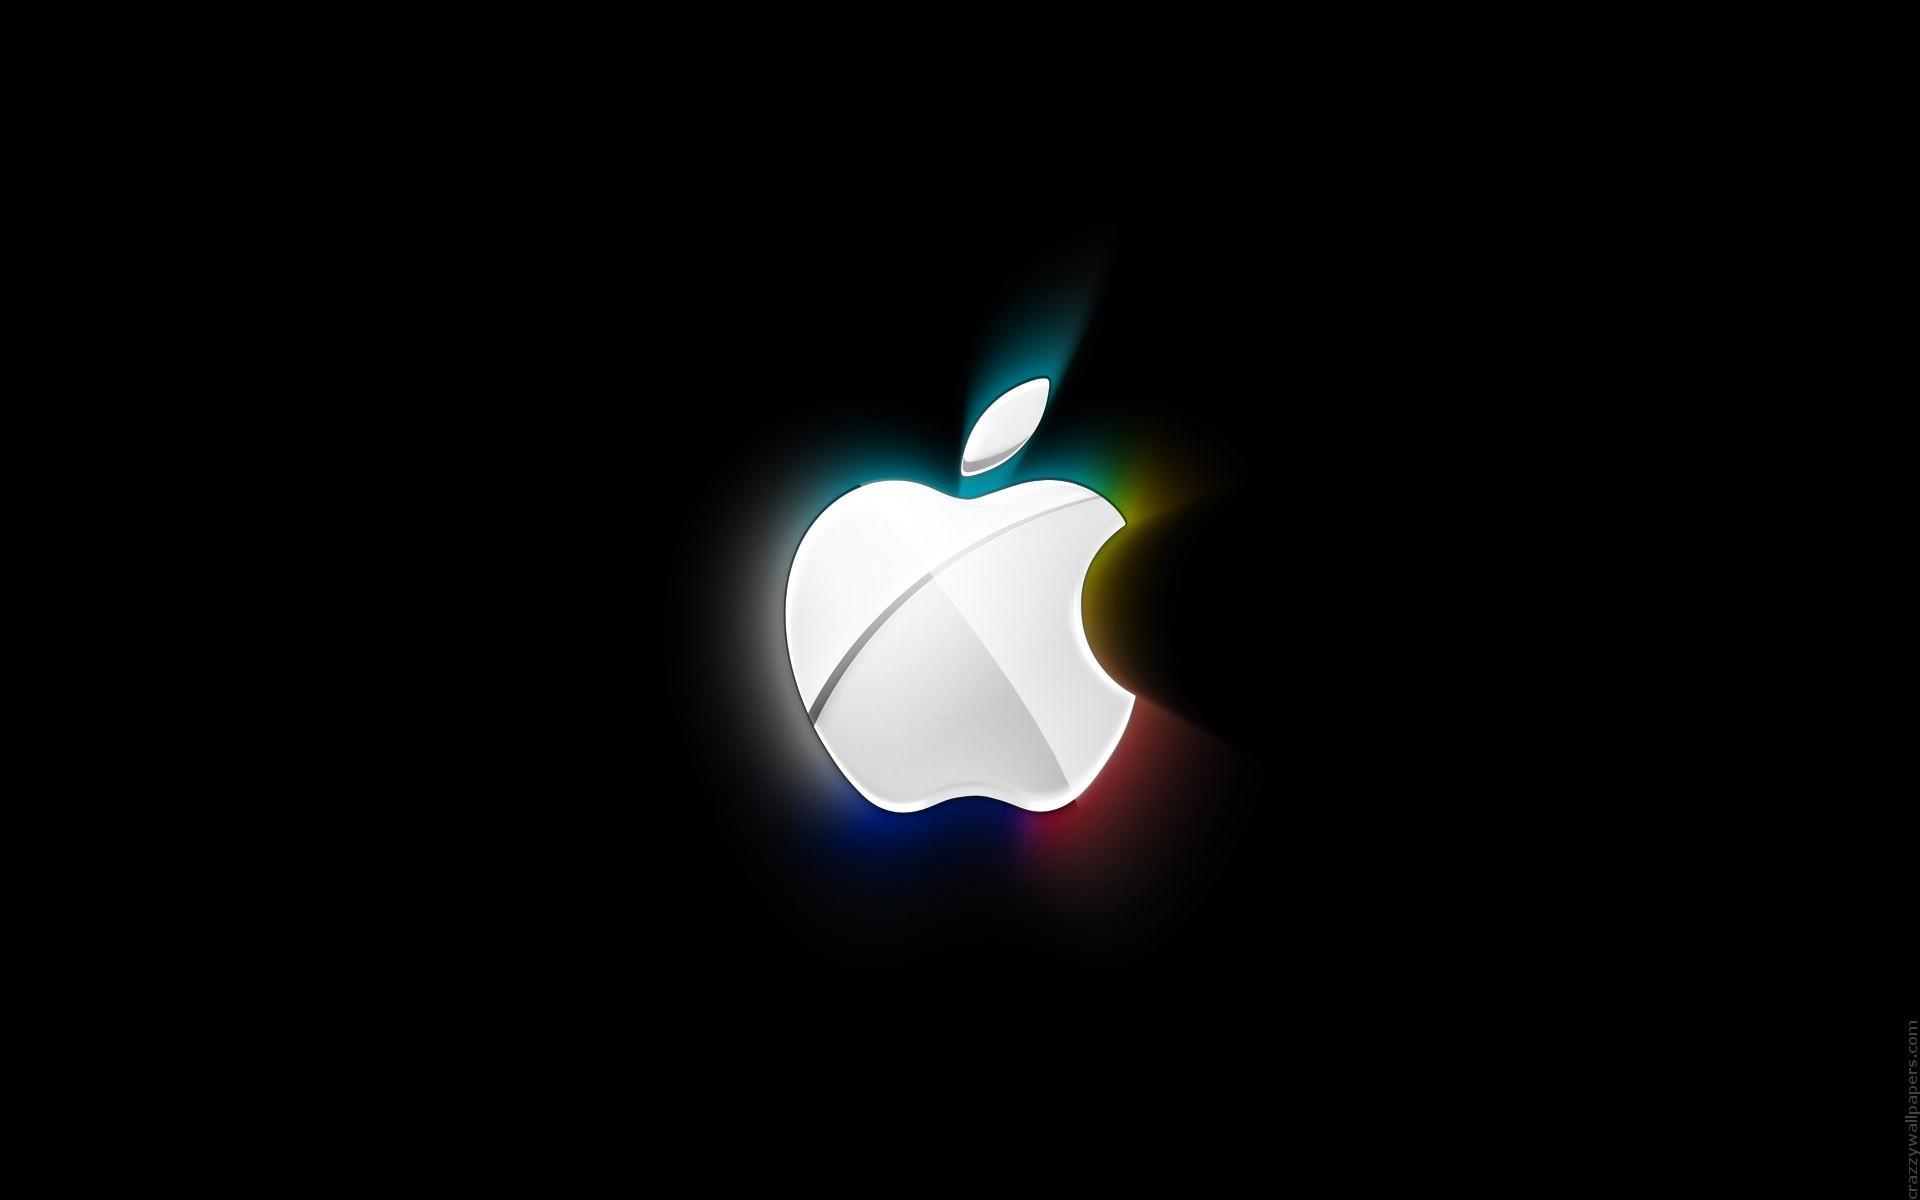 nouveautes_telechargement-gratuit-de-fond-ecran-apple_02